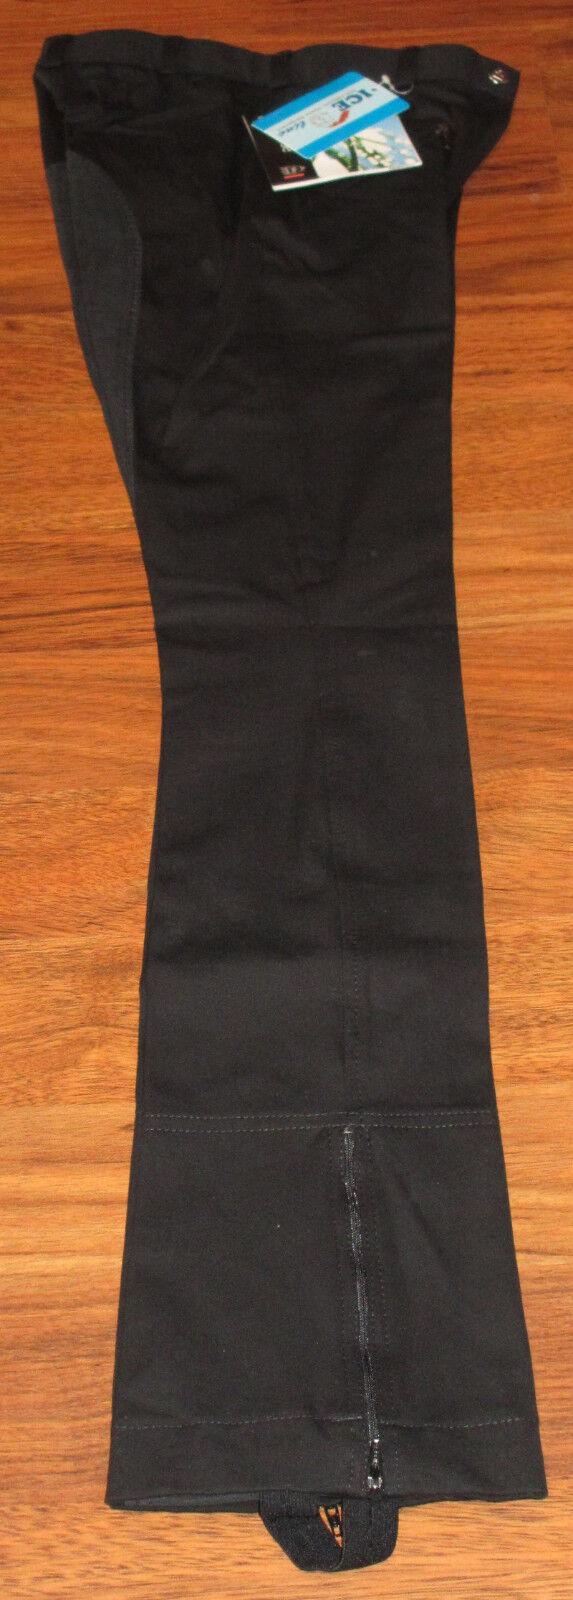 Jodhpur reithose clima nuevo con etiqueta  de Pfiff negro Gr. 36  marca en liquidación de venta